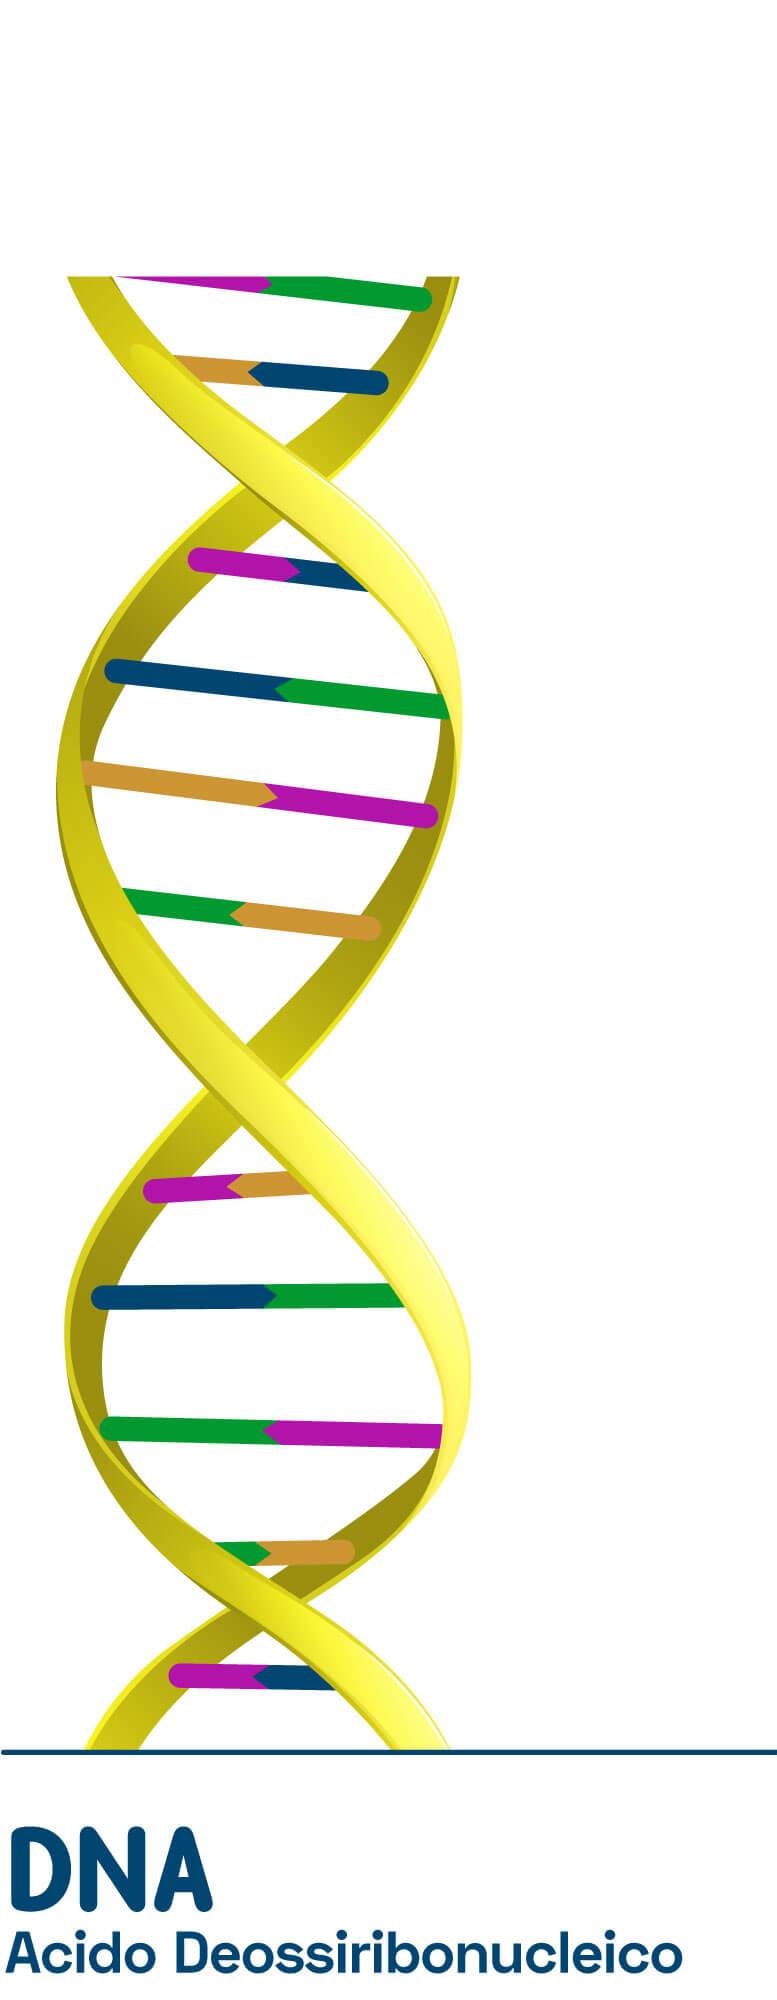 DNA Acido Deossiribunucleico